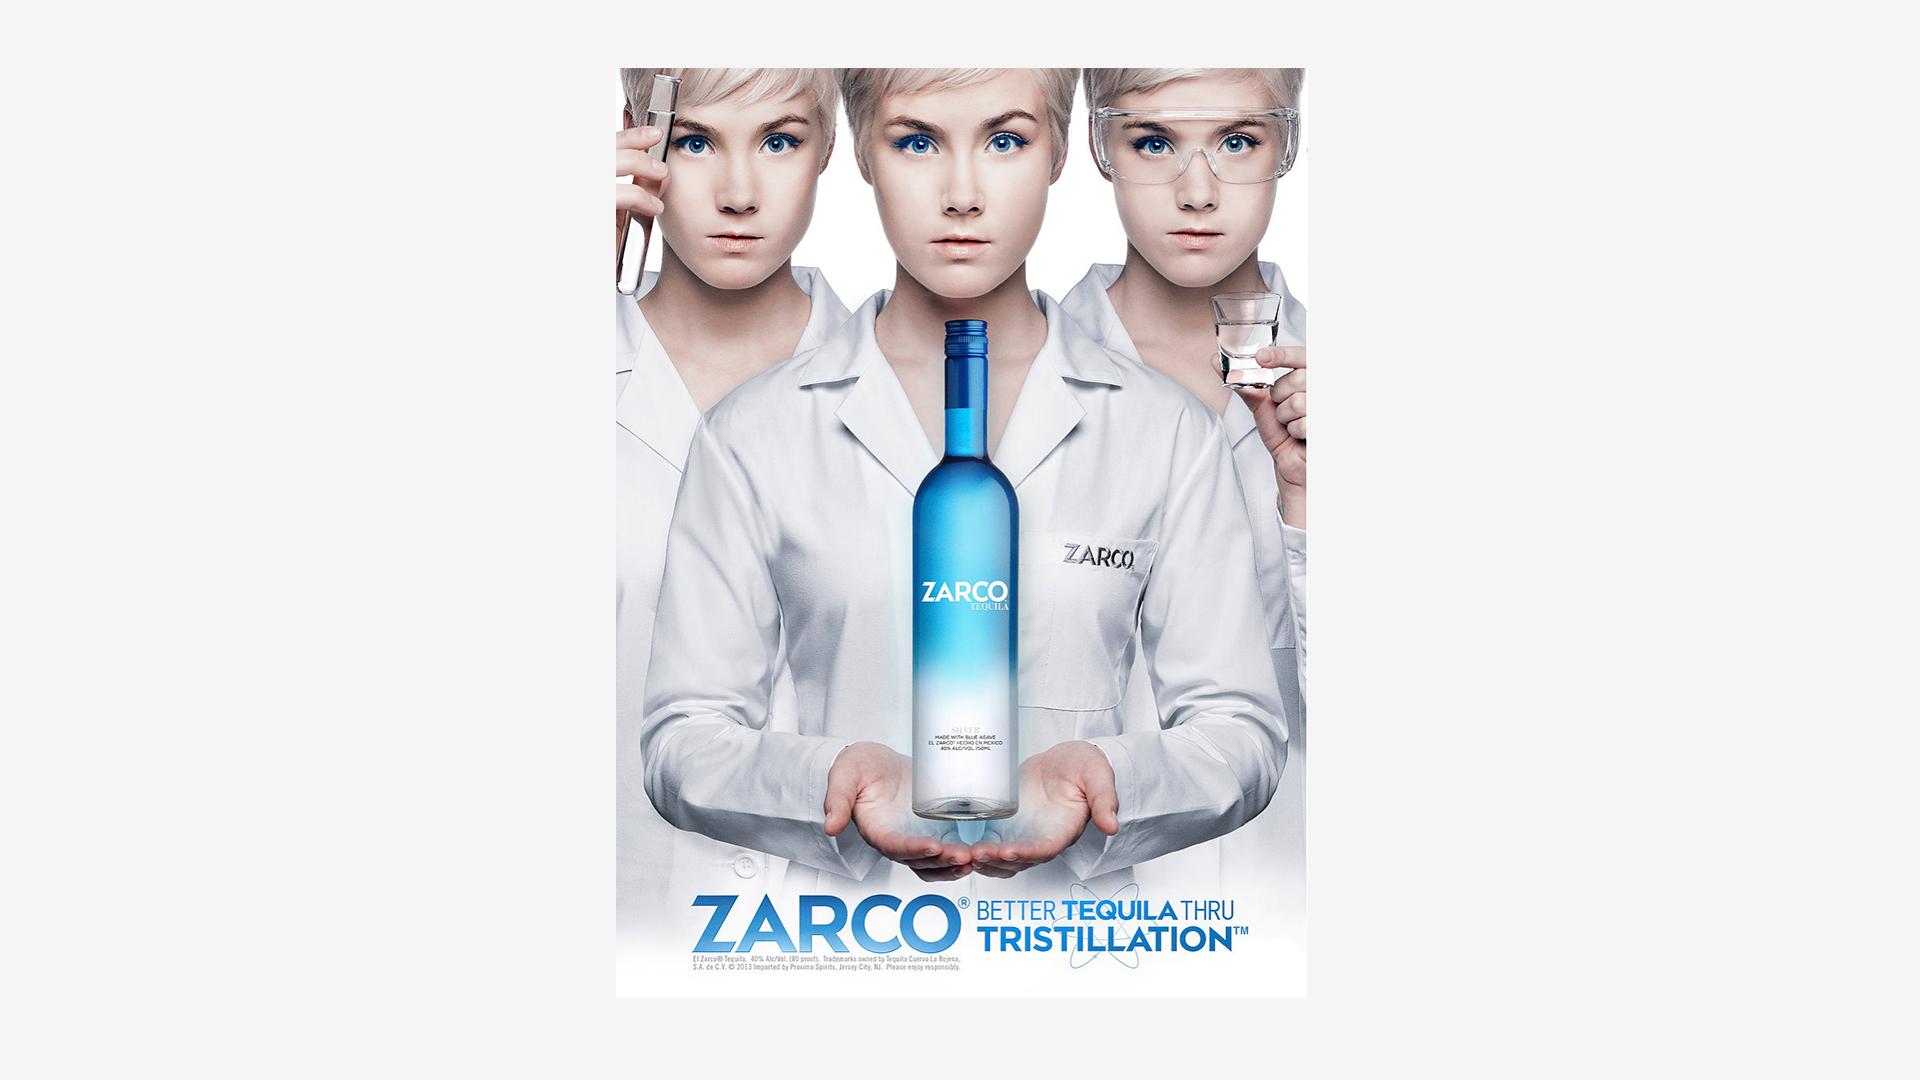 Zarco Tristillation Print